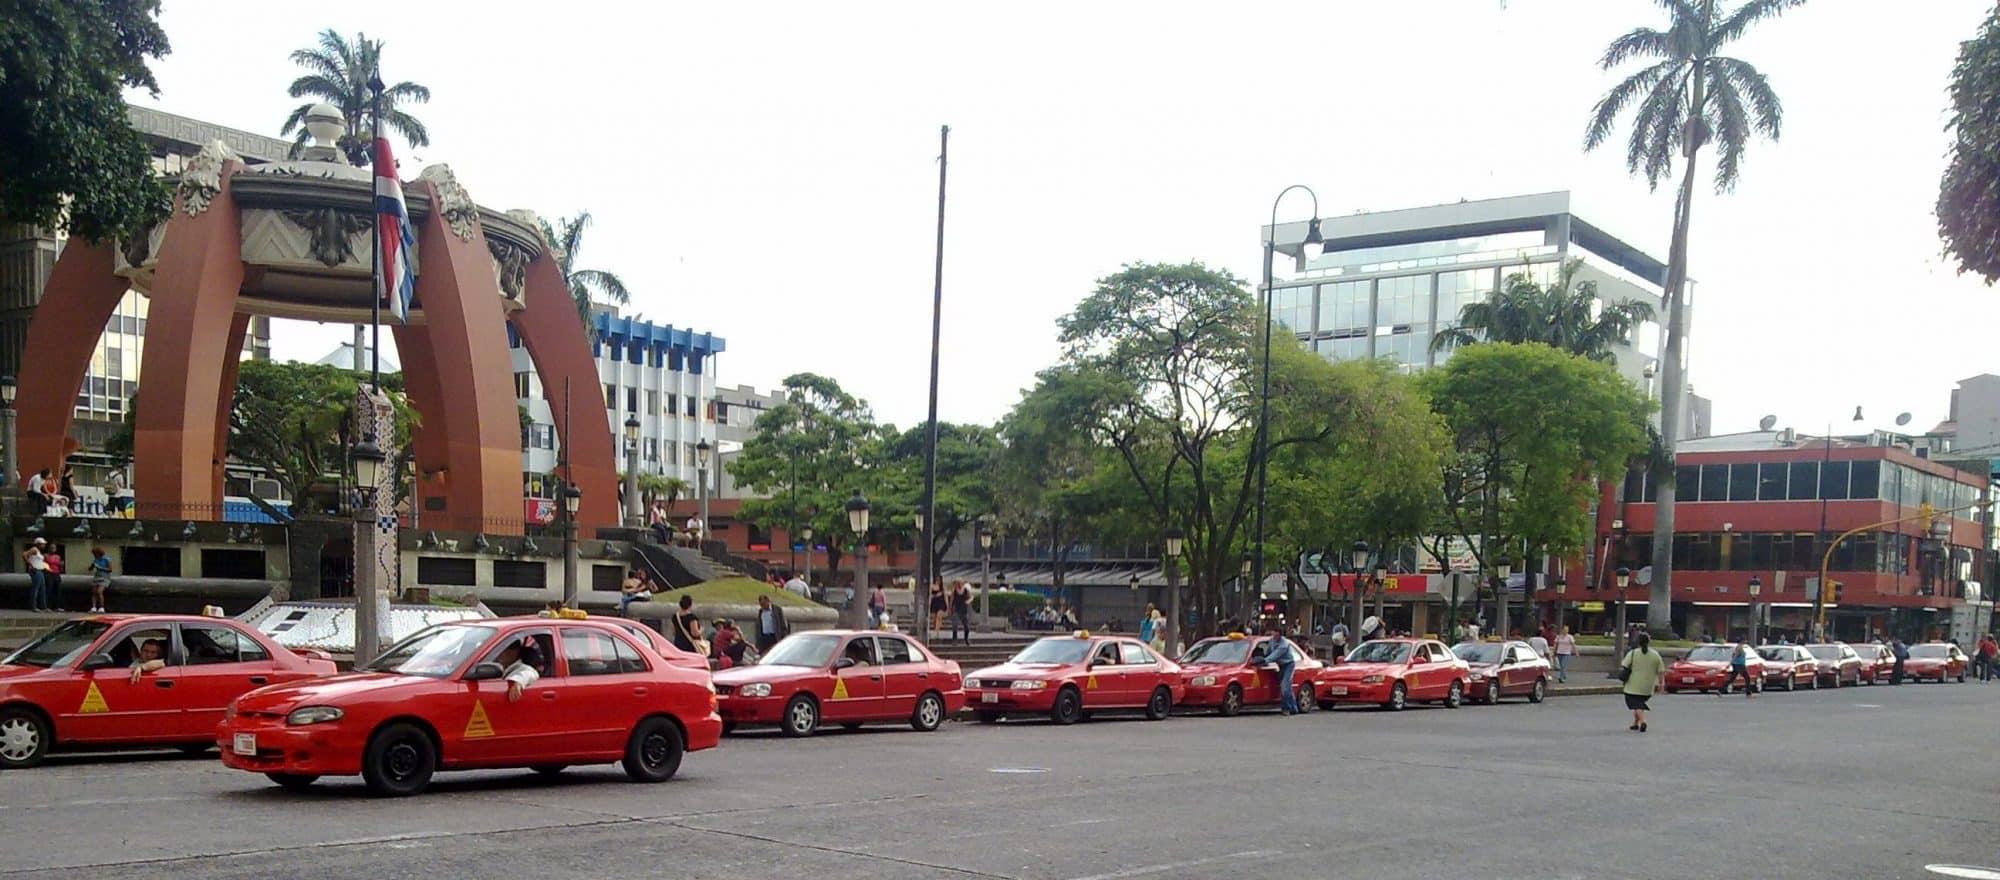 Ville de San José - Taxi au Costa Rica